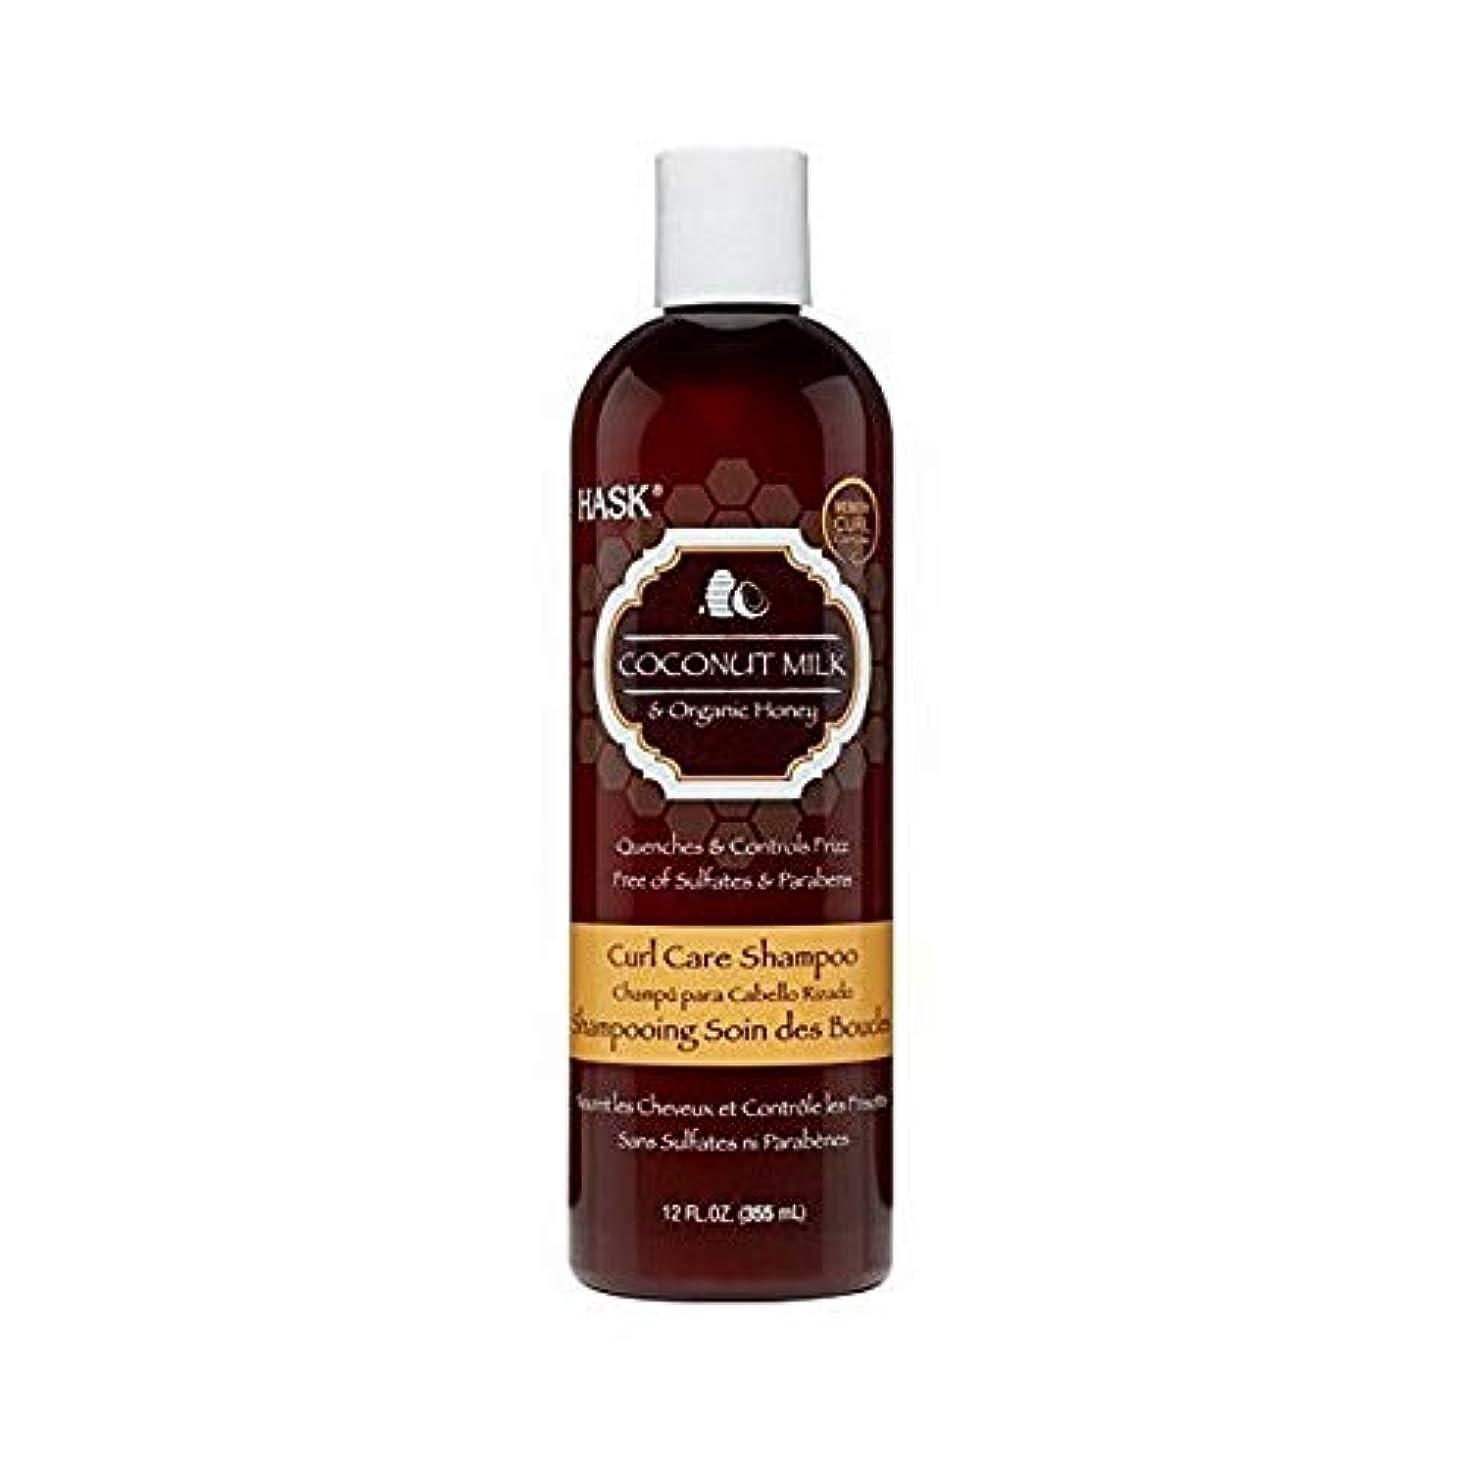 聖人アレンジ住居[Hask] Haskのココナッツミルク&ハニーカールケアシャンプー355ミリリットル - HASK Coconut Milk & Honey Curl Care Shampoo 355ml [並行輸入品]